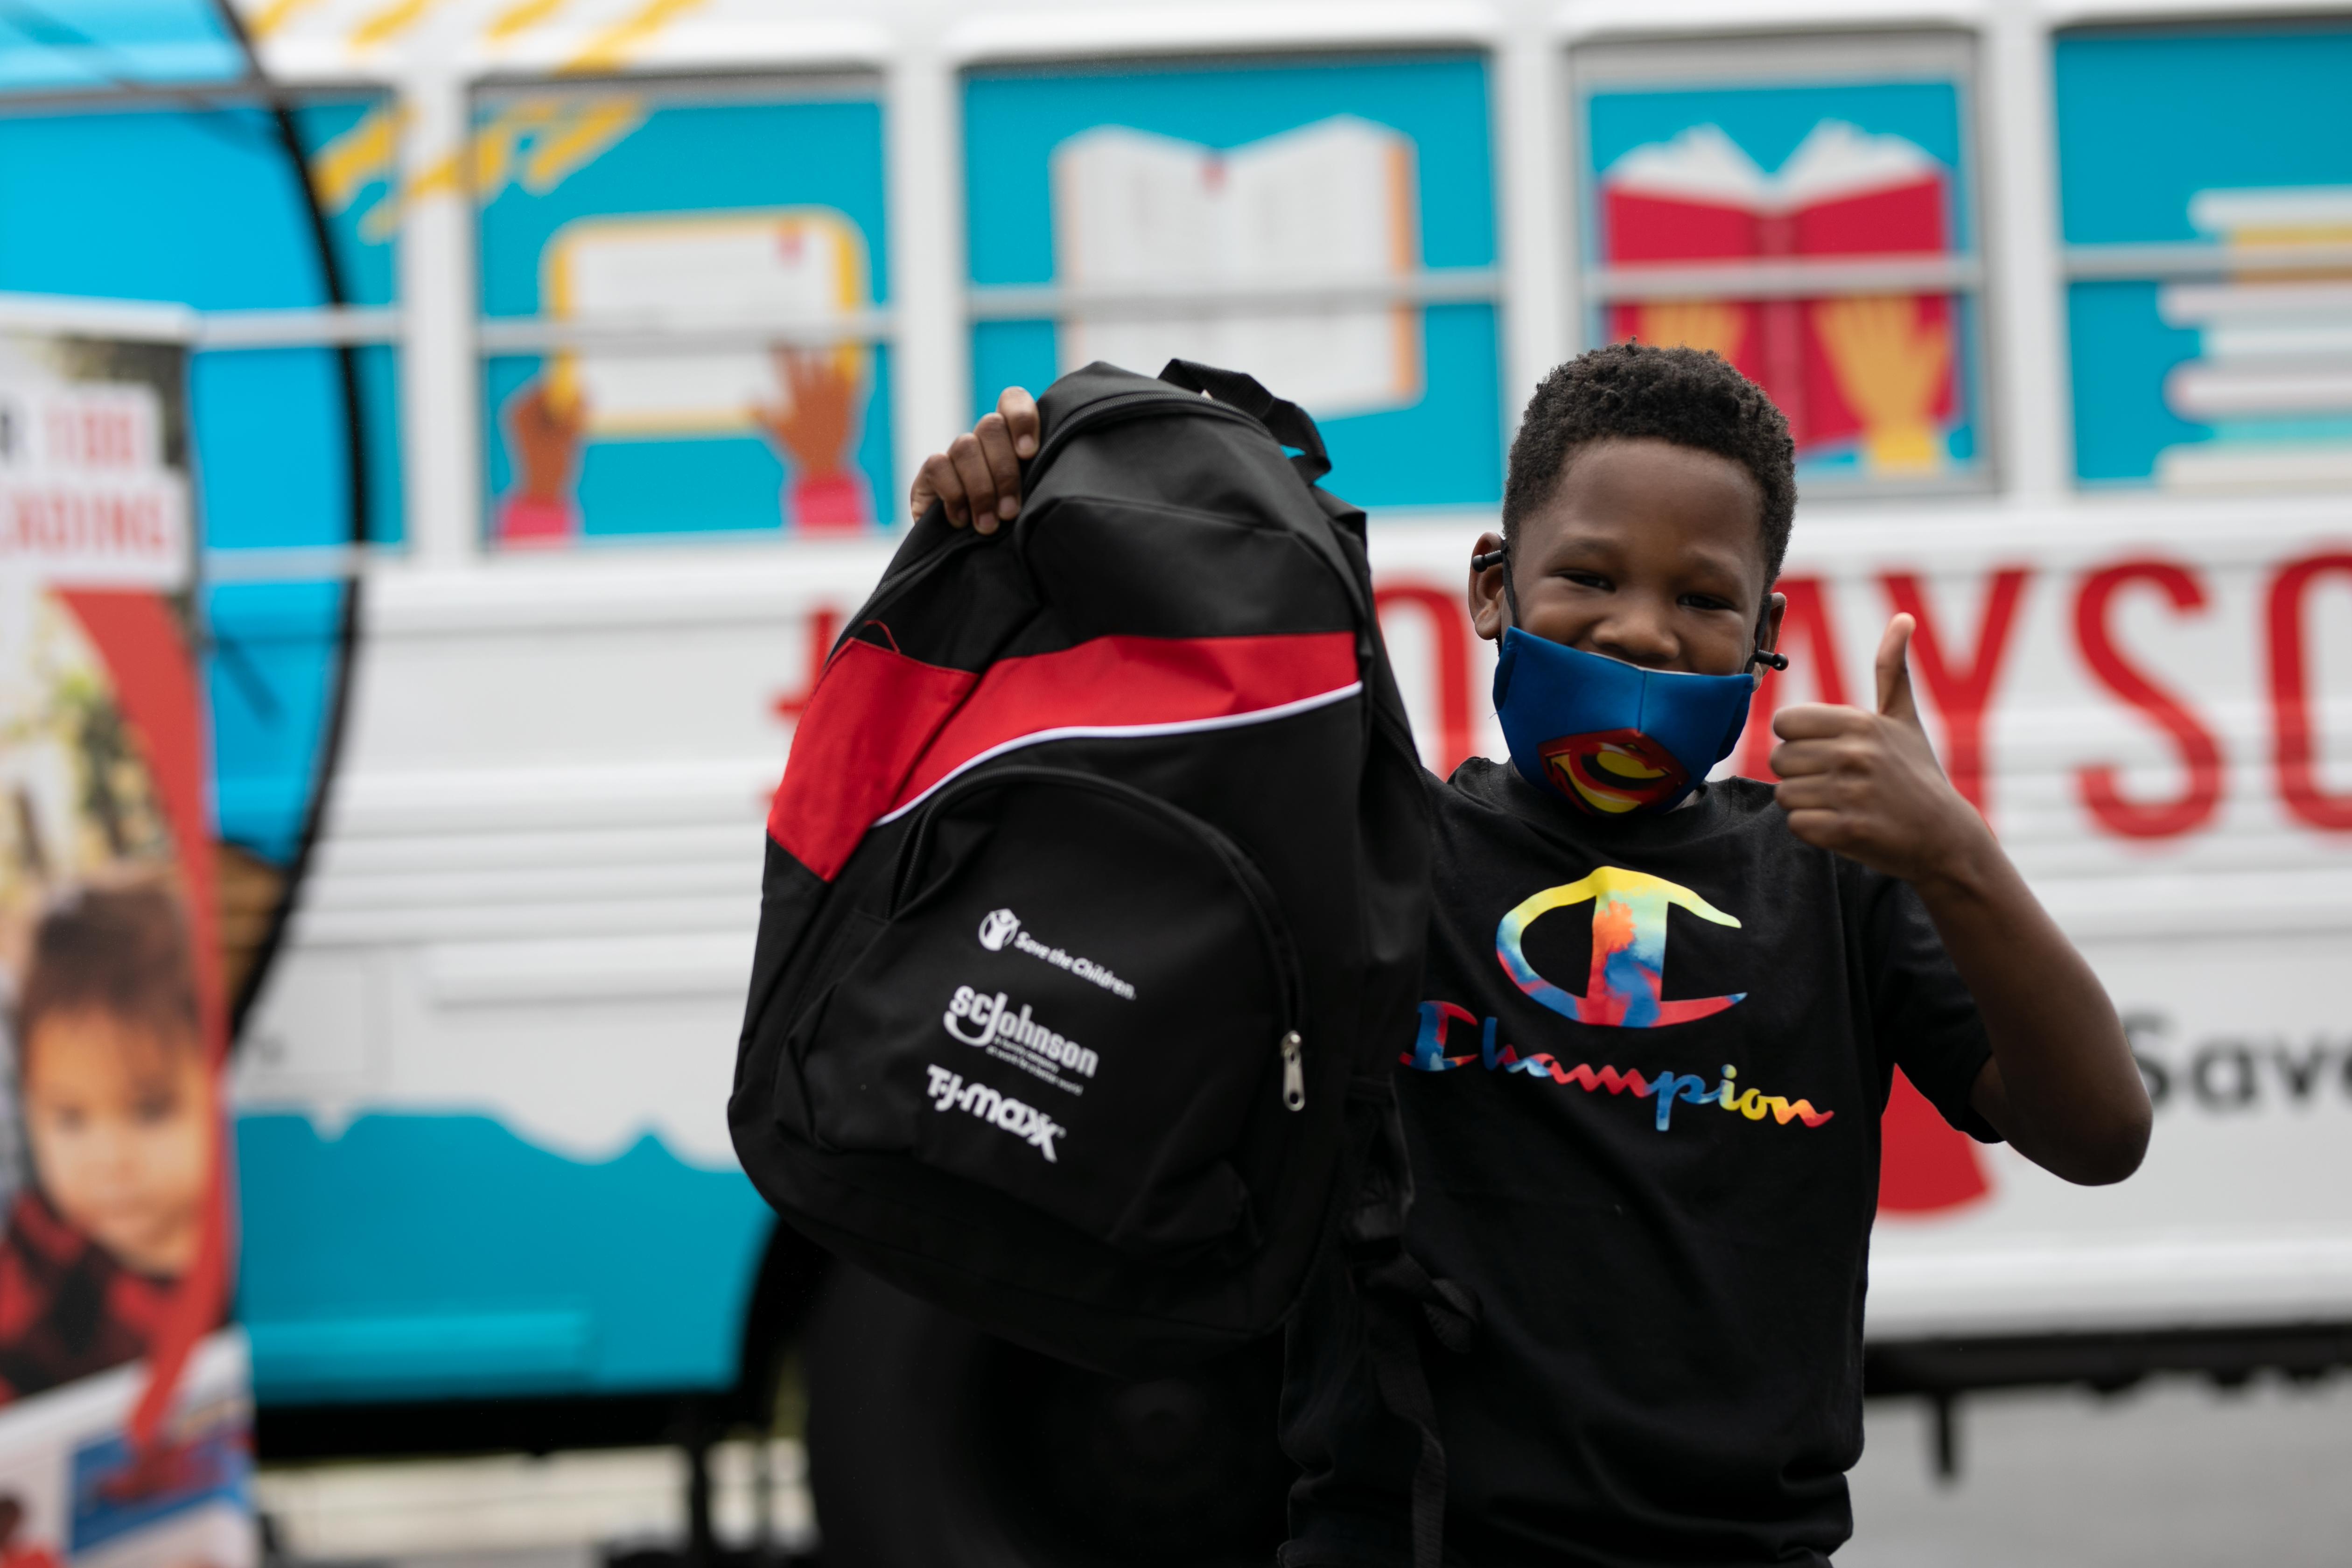 Child Holding Up SC Johnson Sponsored Back pack